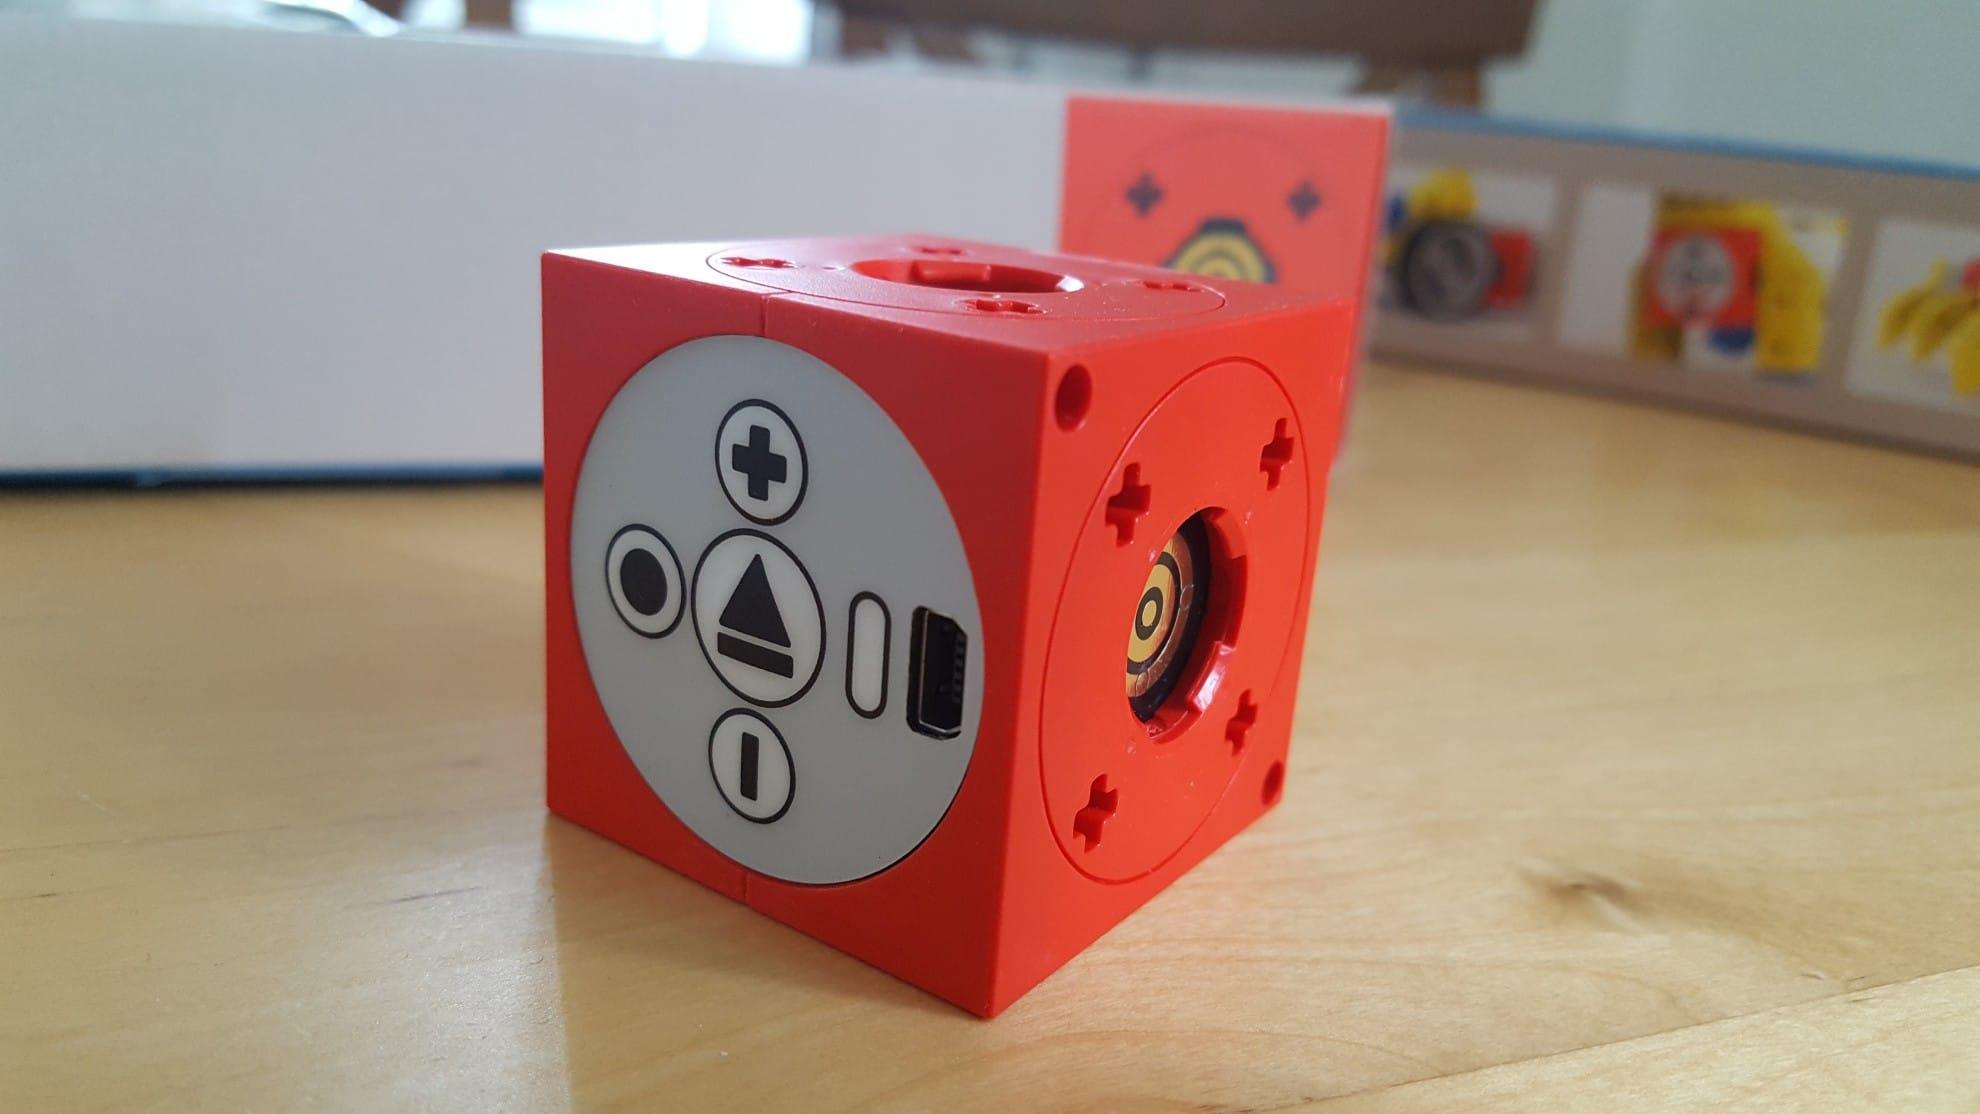 Der Microcontroller. Er ist mit Arduino kompatibel. (Foto: Sven Wernicke)